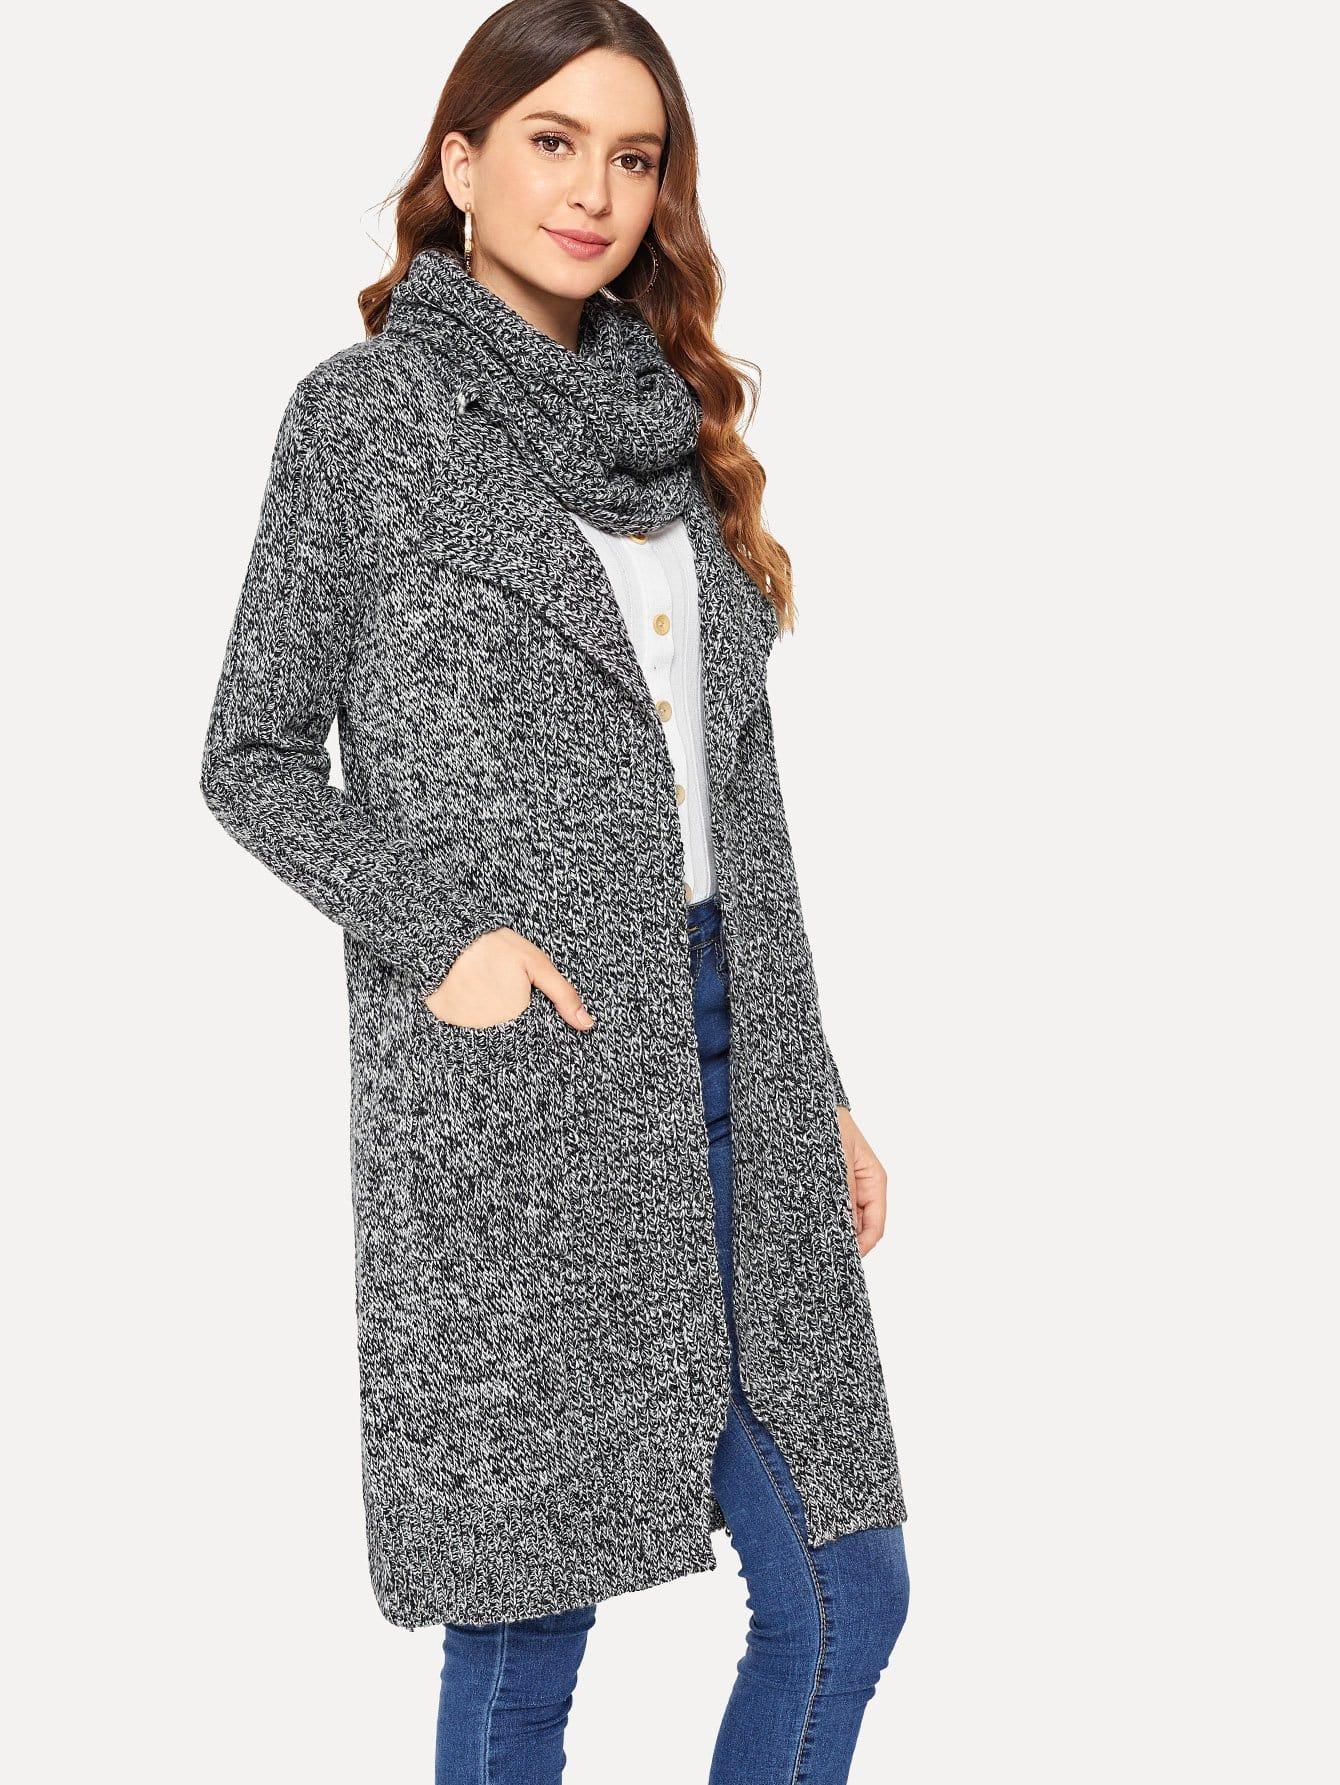 Купить Длинное вязаное пальто с украшением шарфа, Jana, SheIn